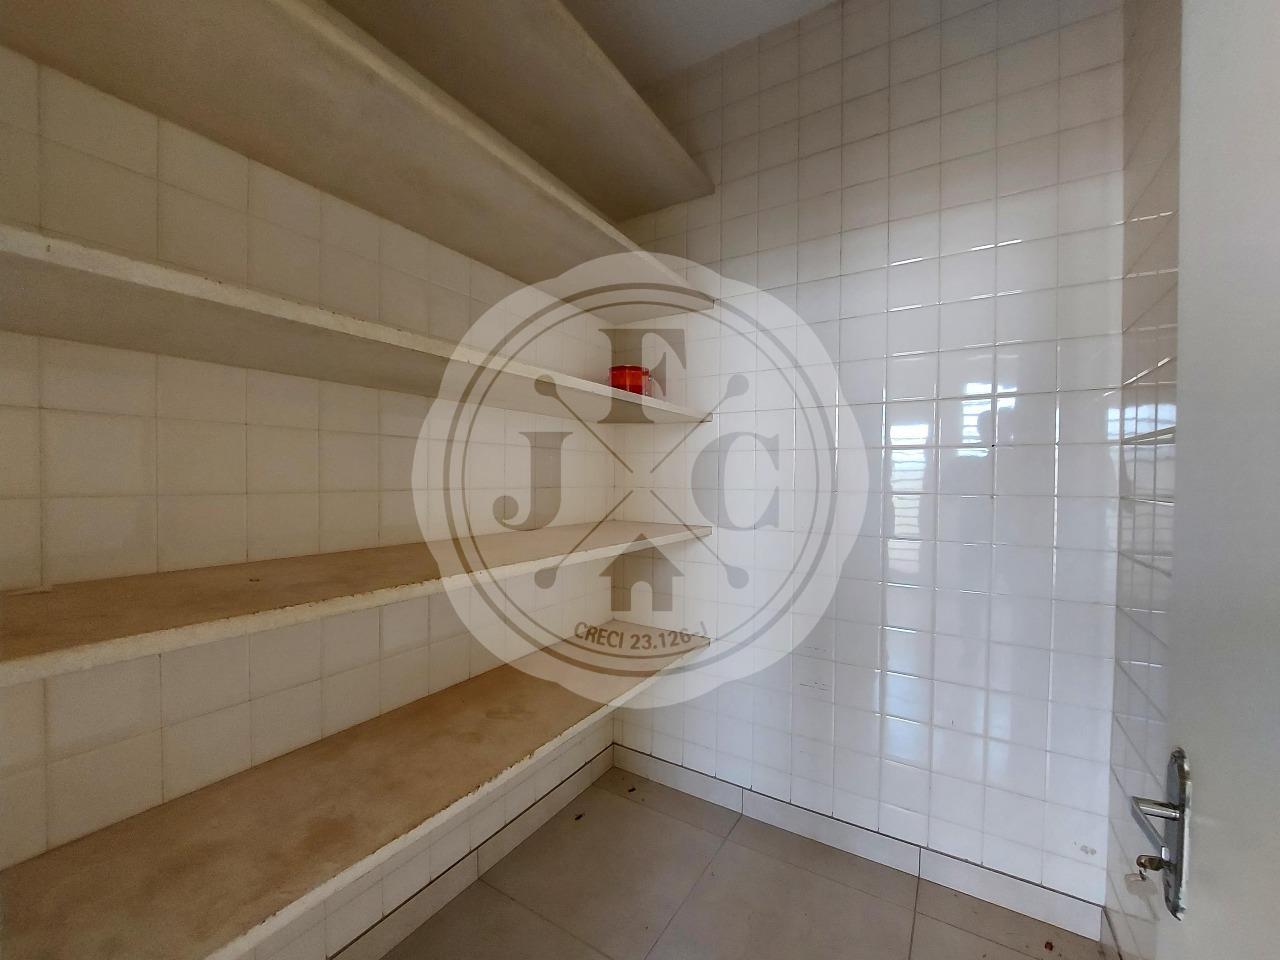 Casa para aluguel no Alto da Boa Vista: Depósito